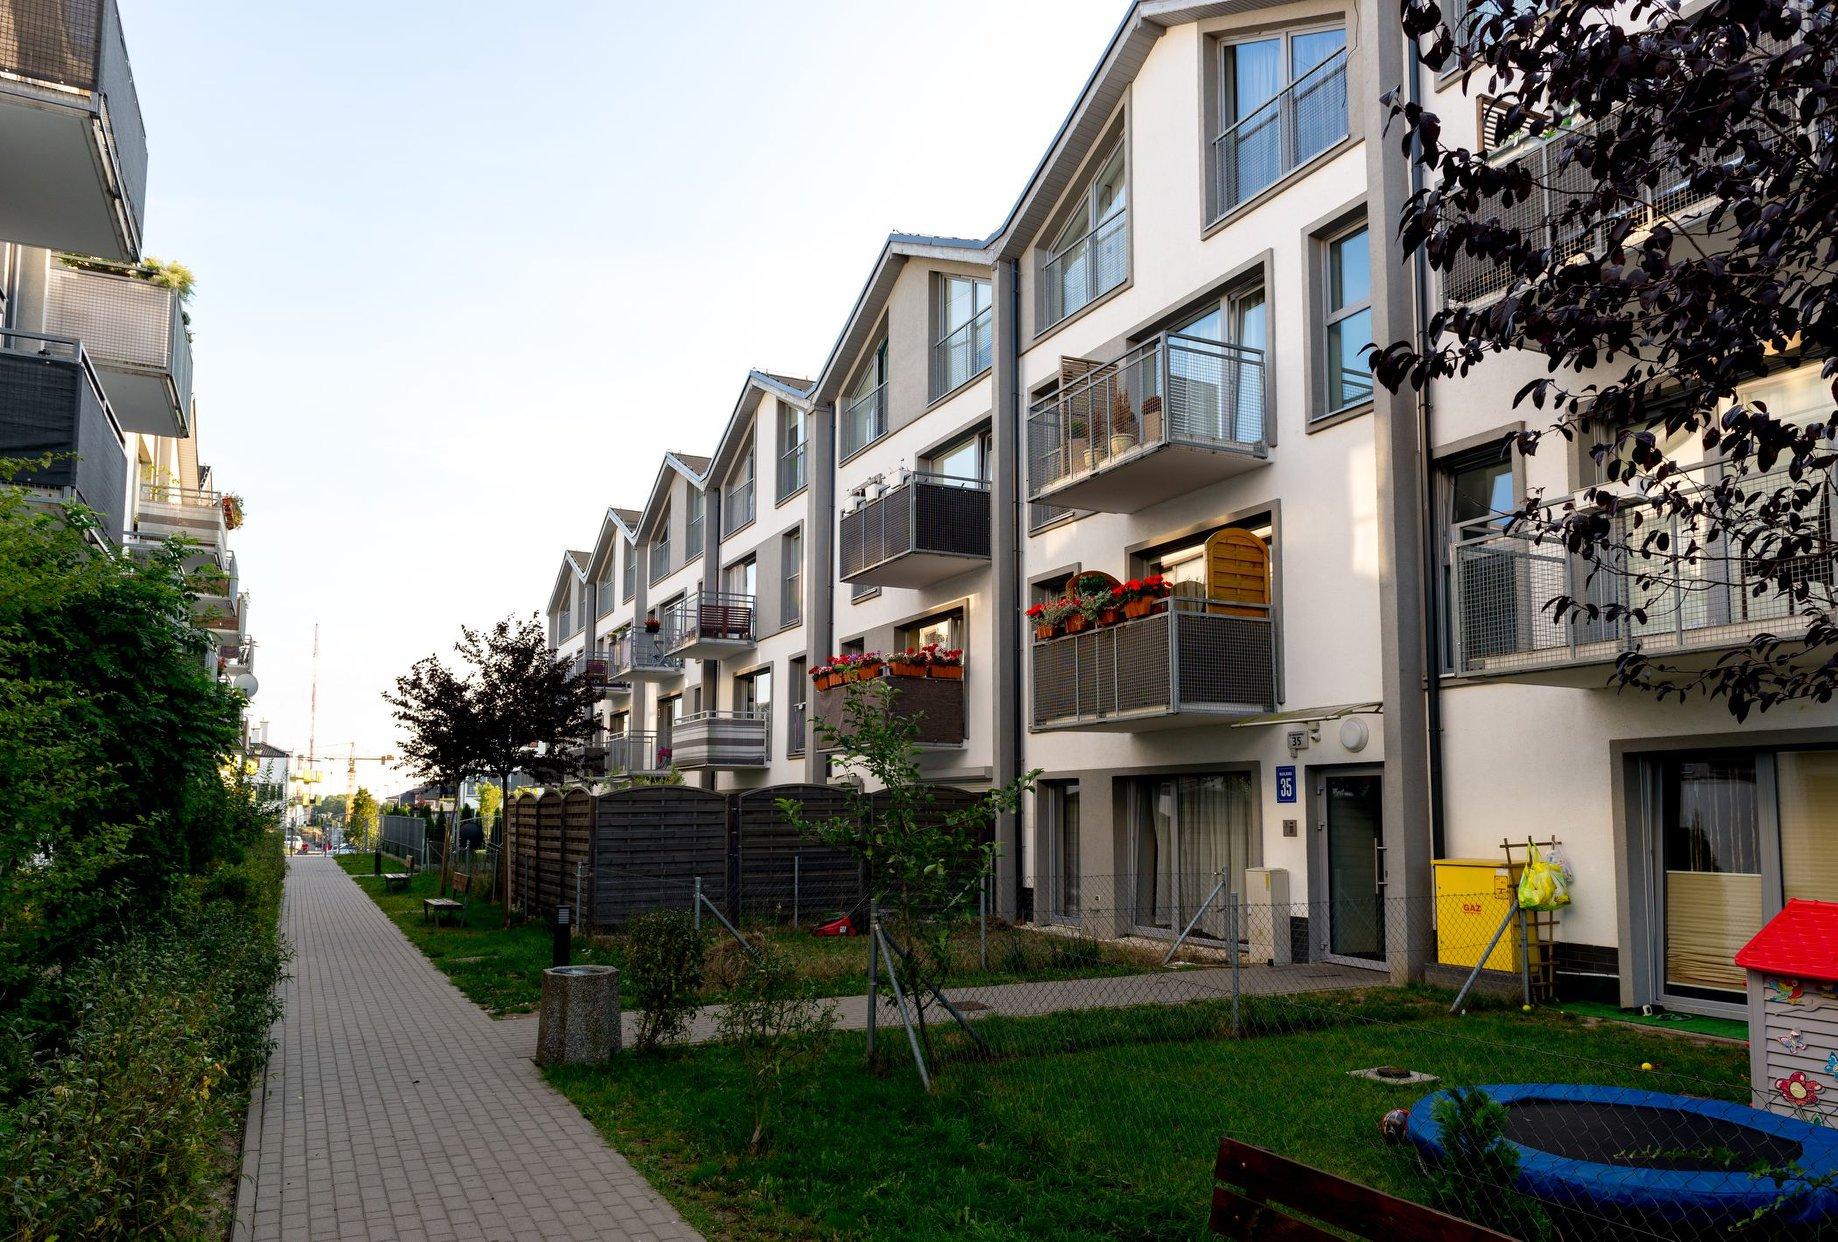 Fenster kaufen in Braunschweig